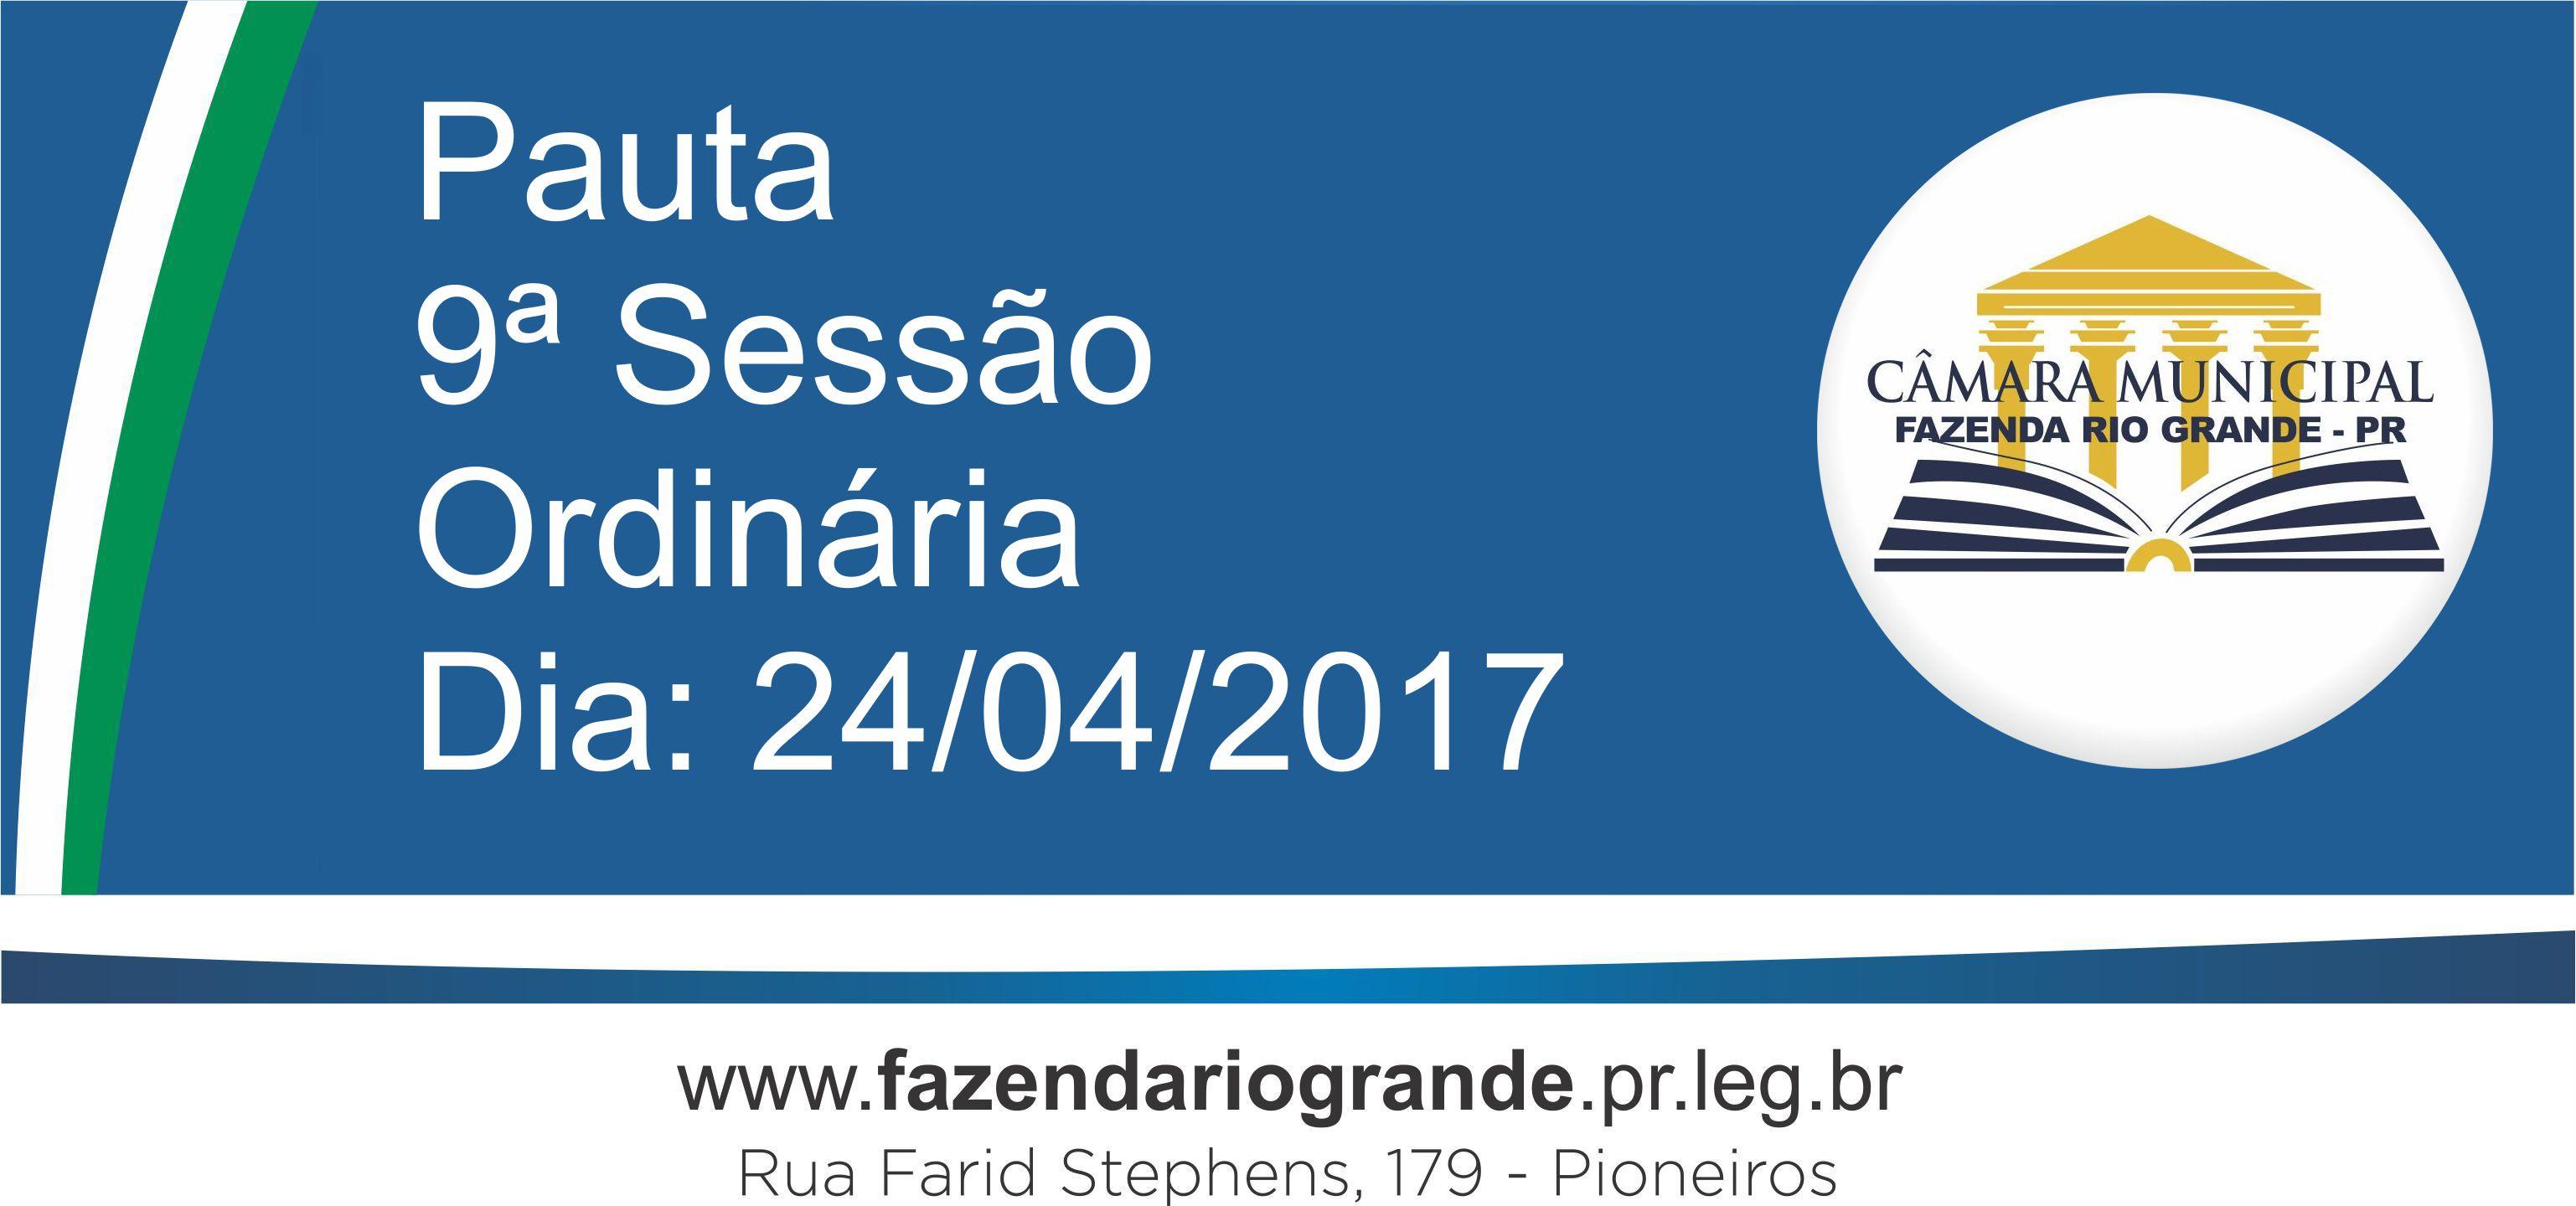 Pauta da 9ª Sessão Ordinária 24/04/2017